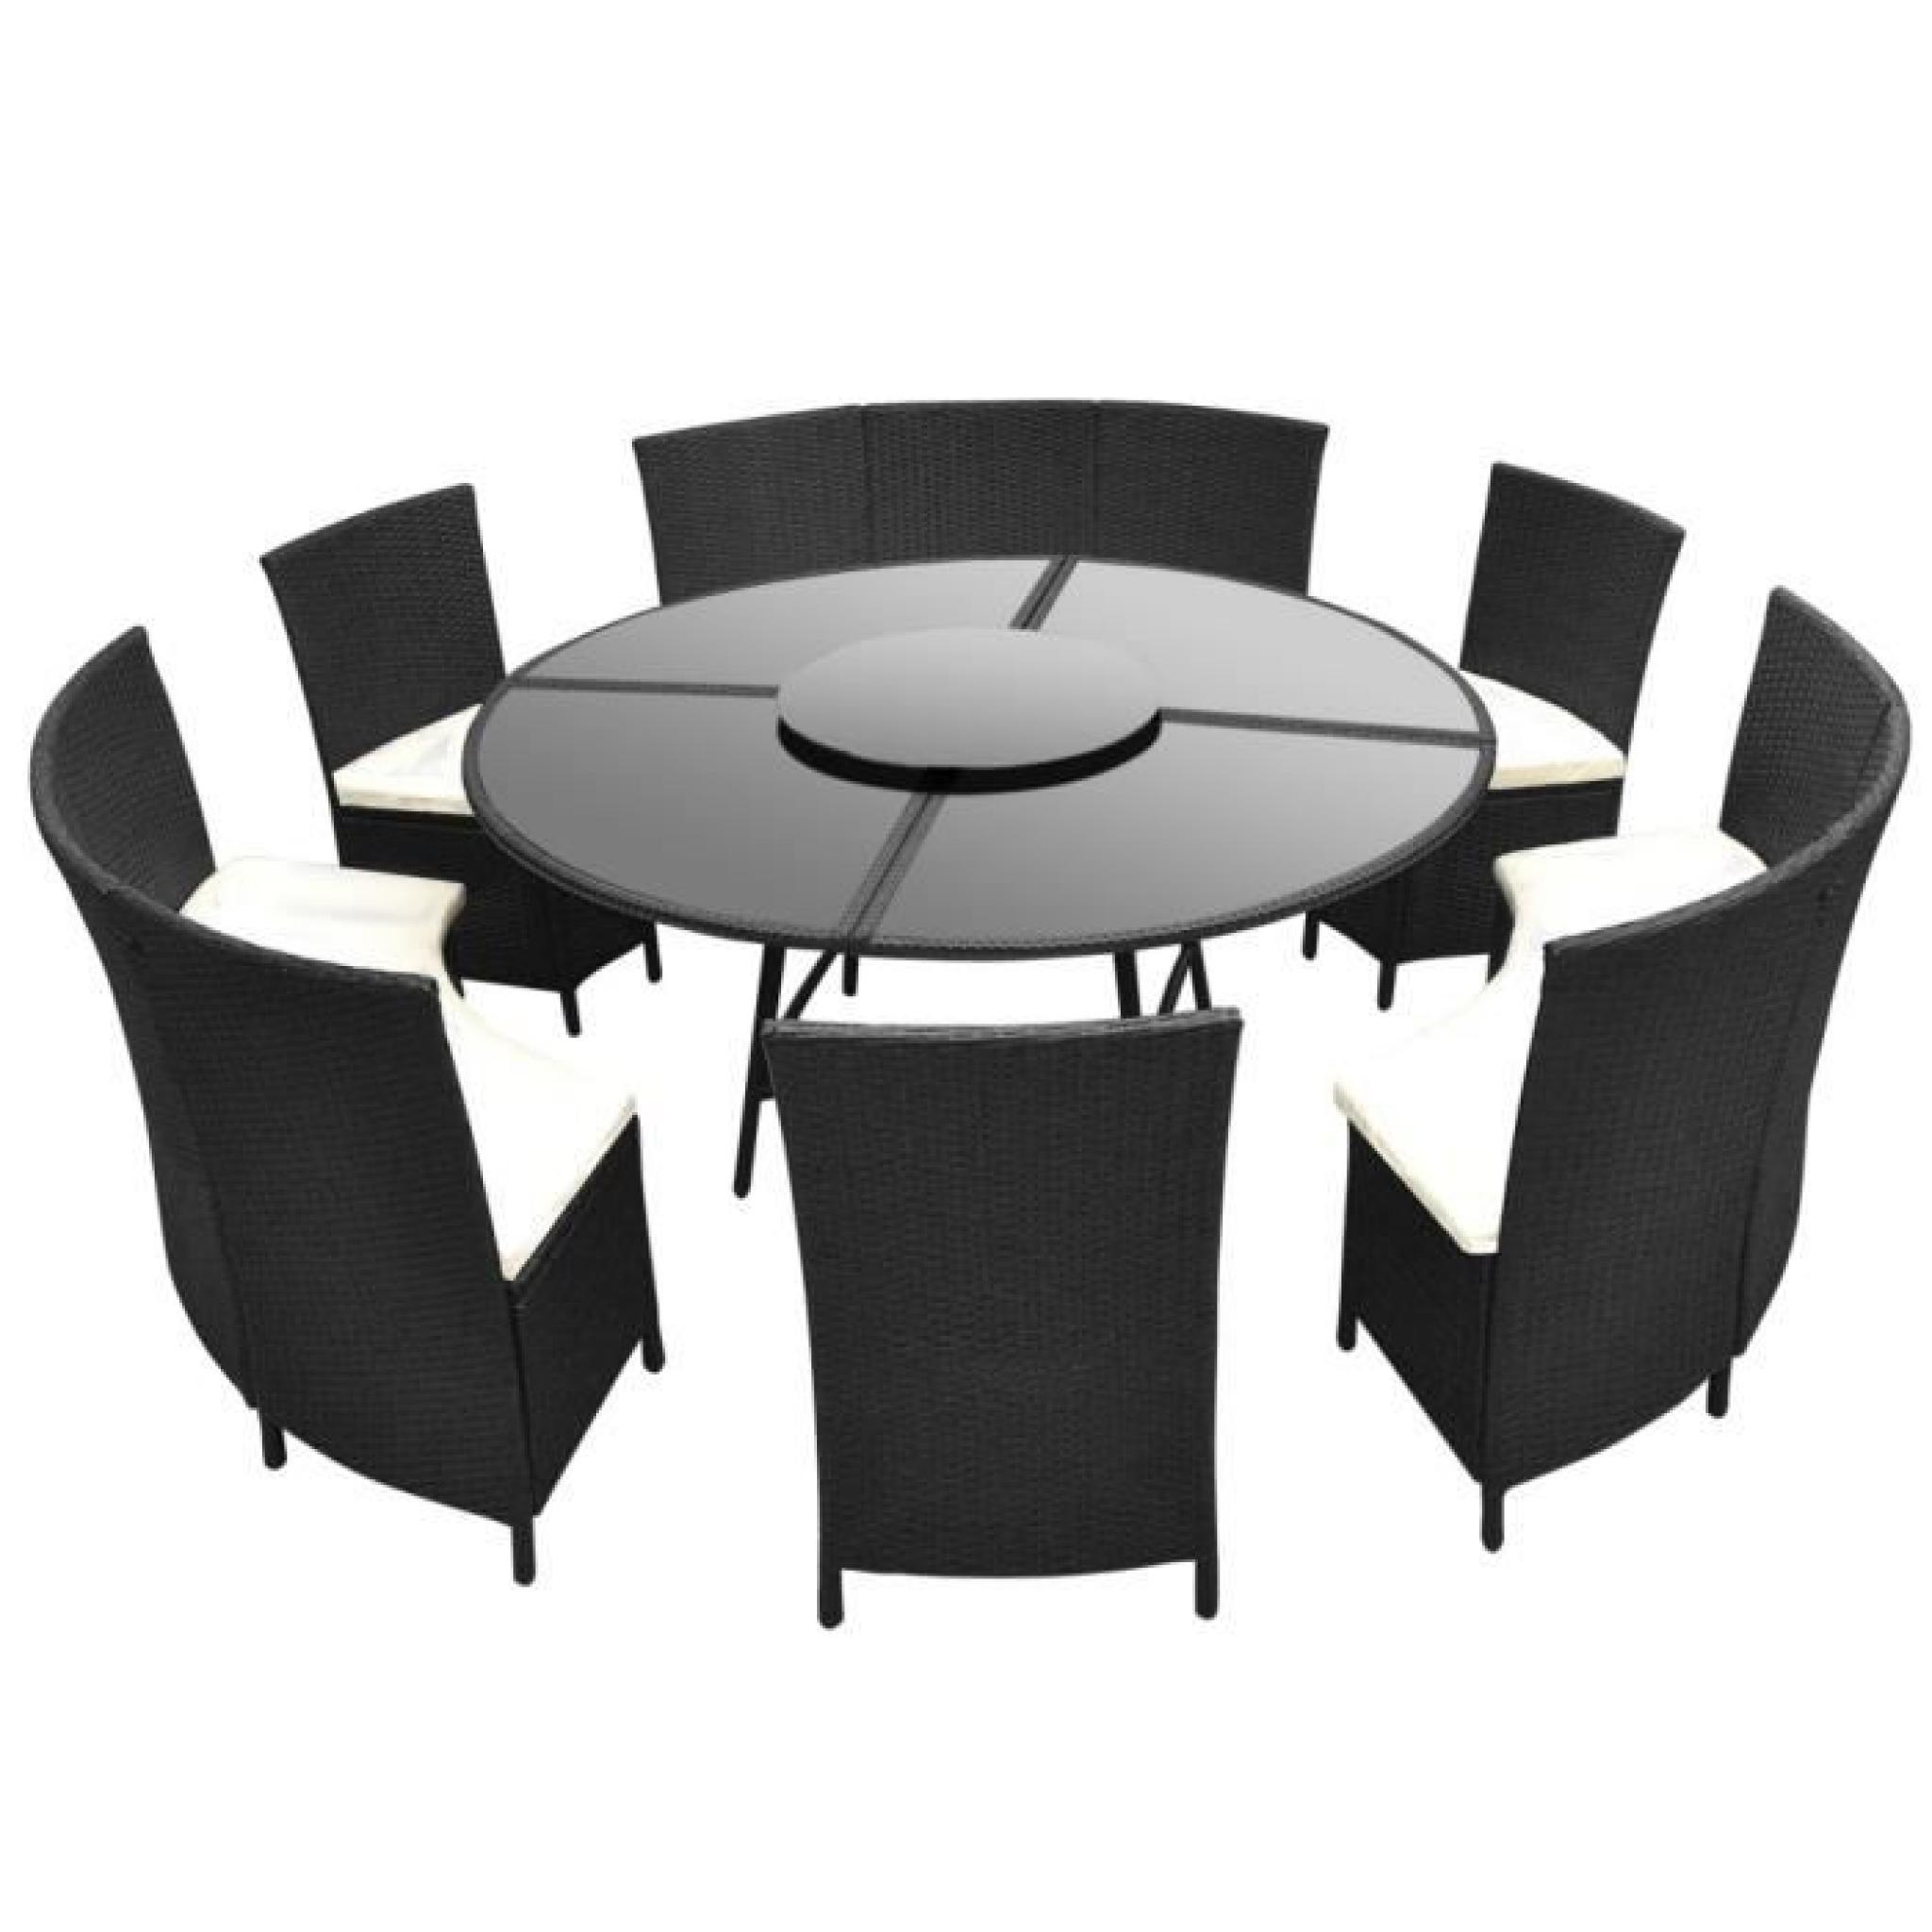 Salon de jardin noir en polyrotin table ronde et chaises 12 pers ...